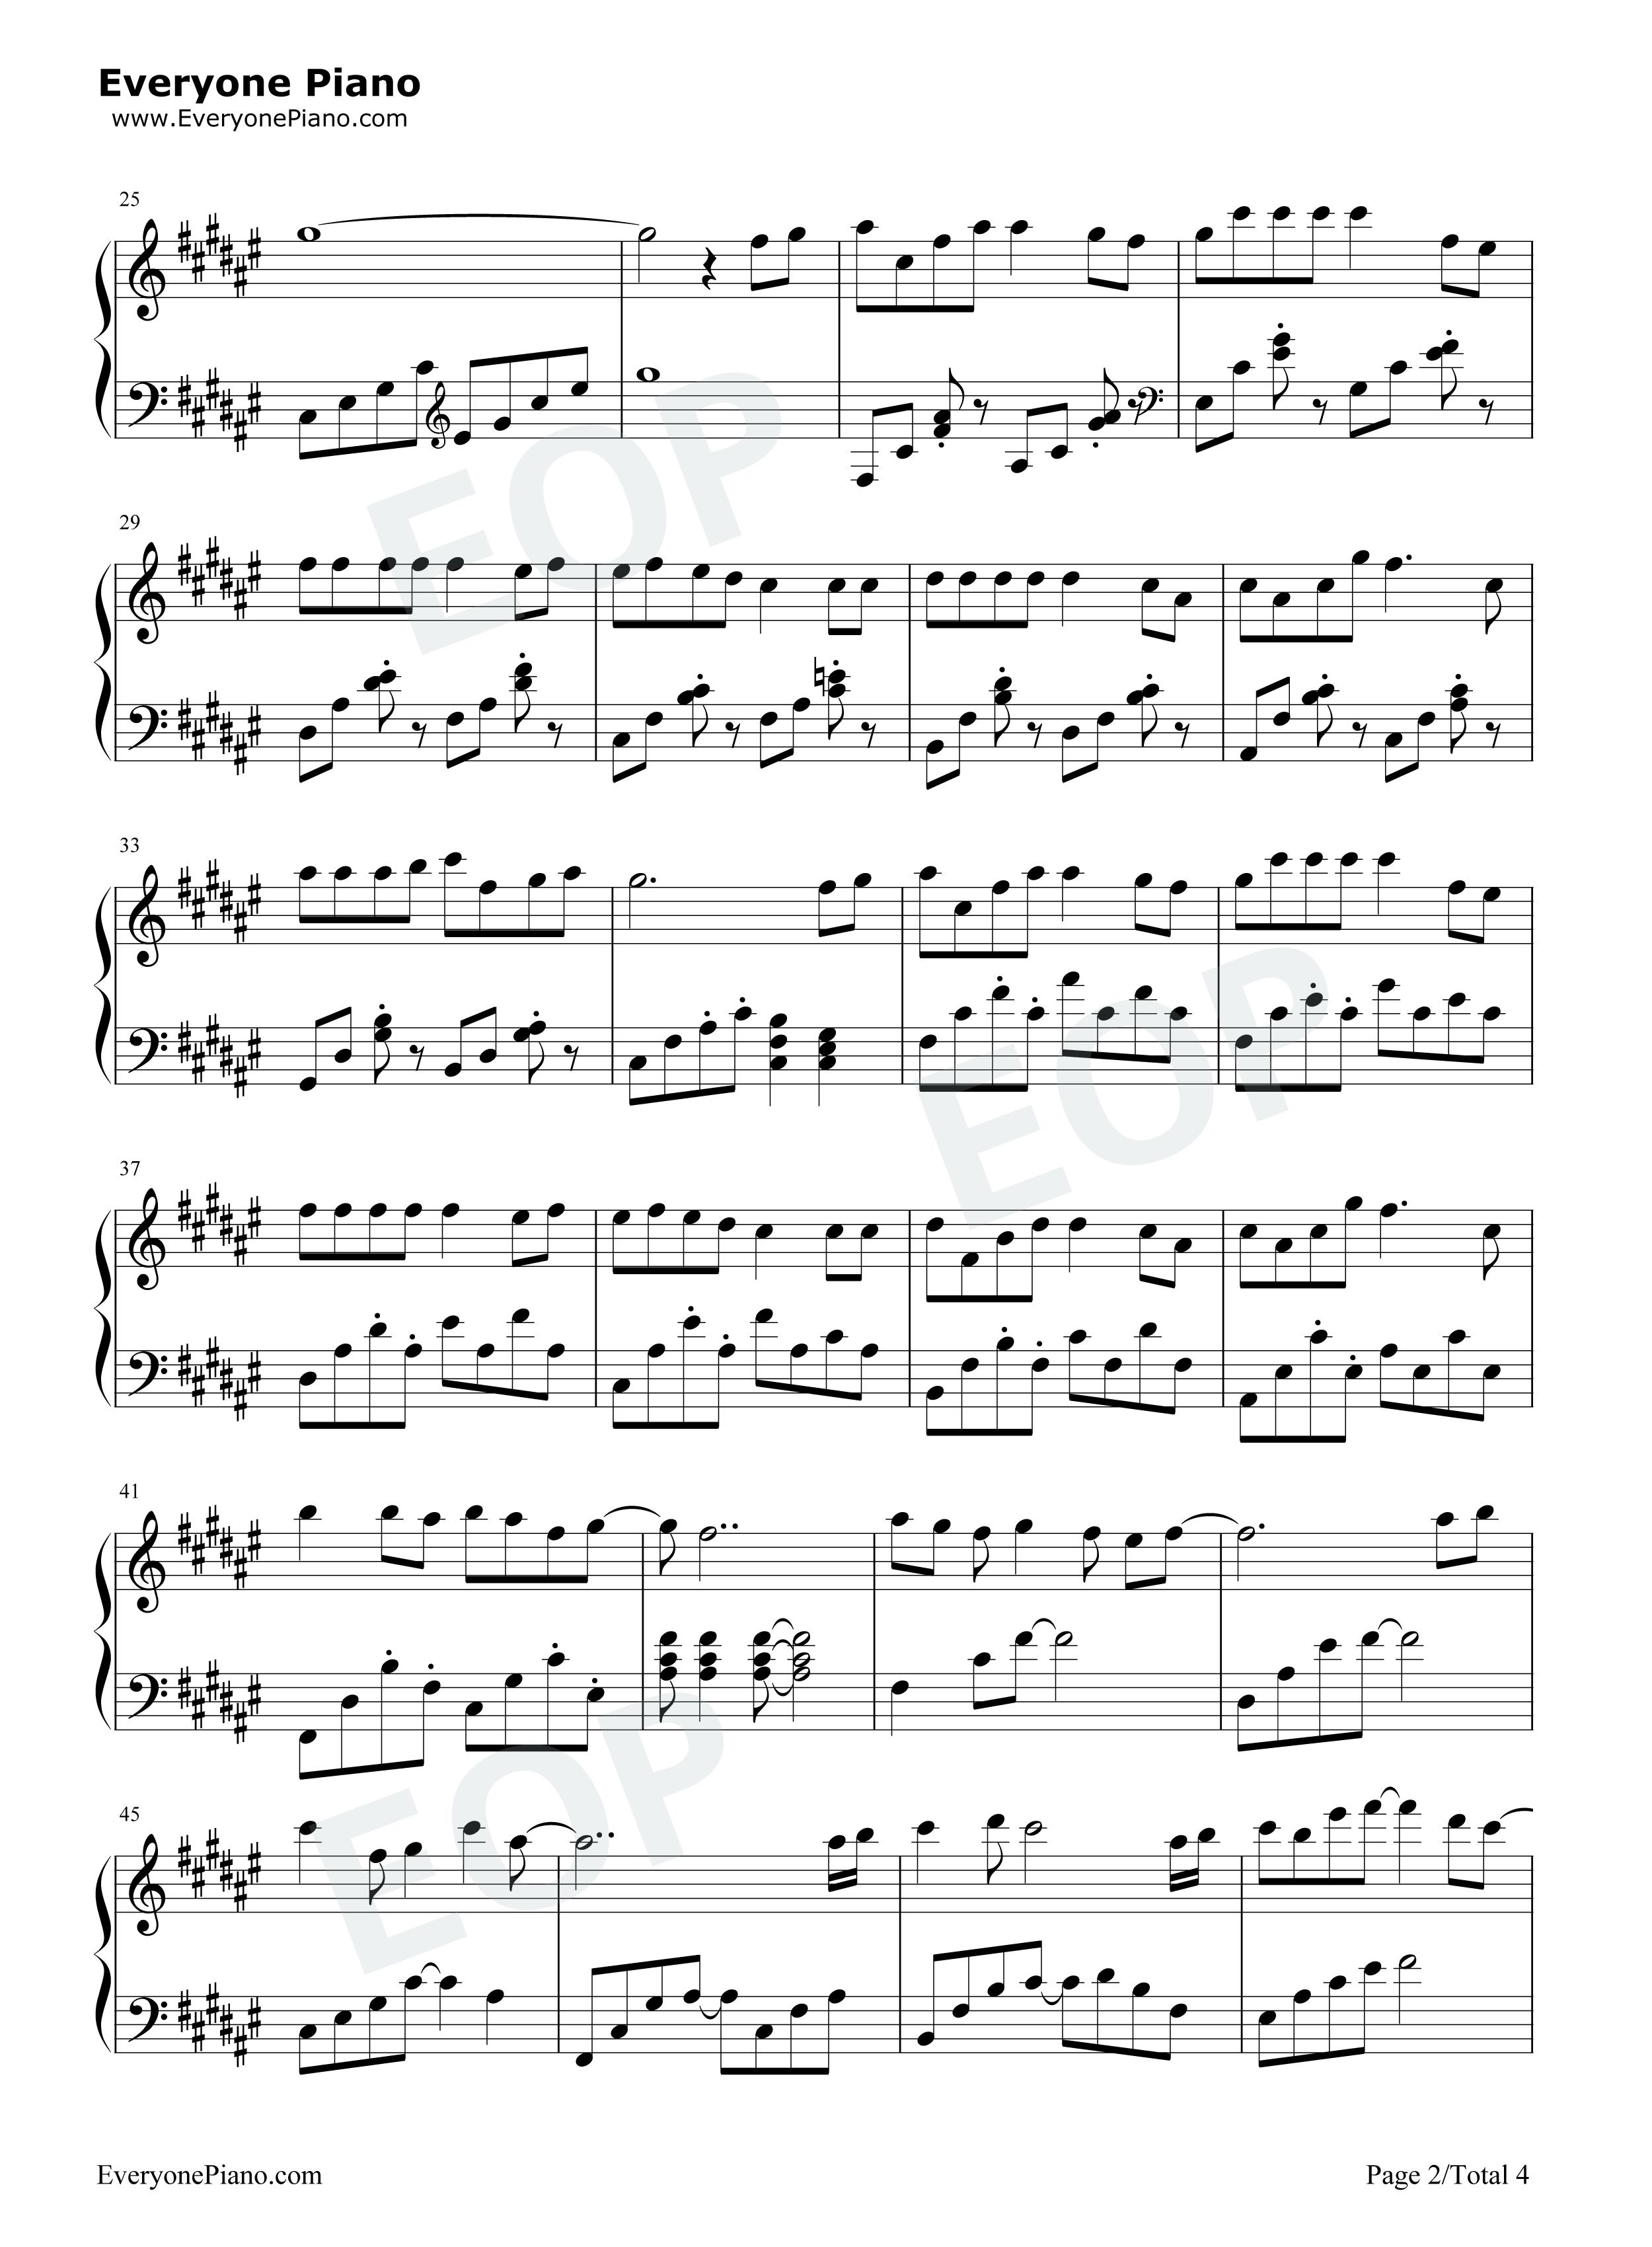 钢琴曲谱 流行 学猫叫-我们一起学猫叫一起喵喵喵喵喵 学猫叫-我们一图片